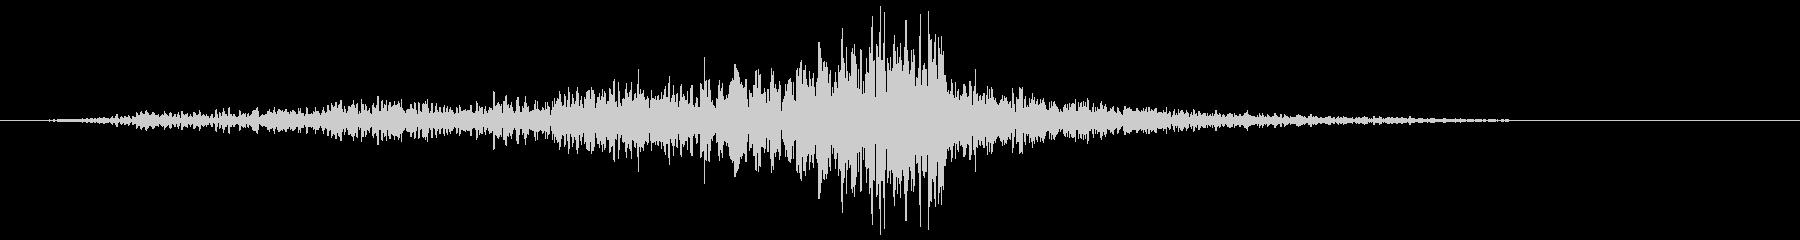 ヒューシュエアライジングフィナーレ2の未再生の波形